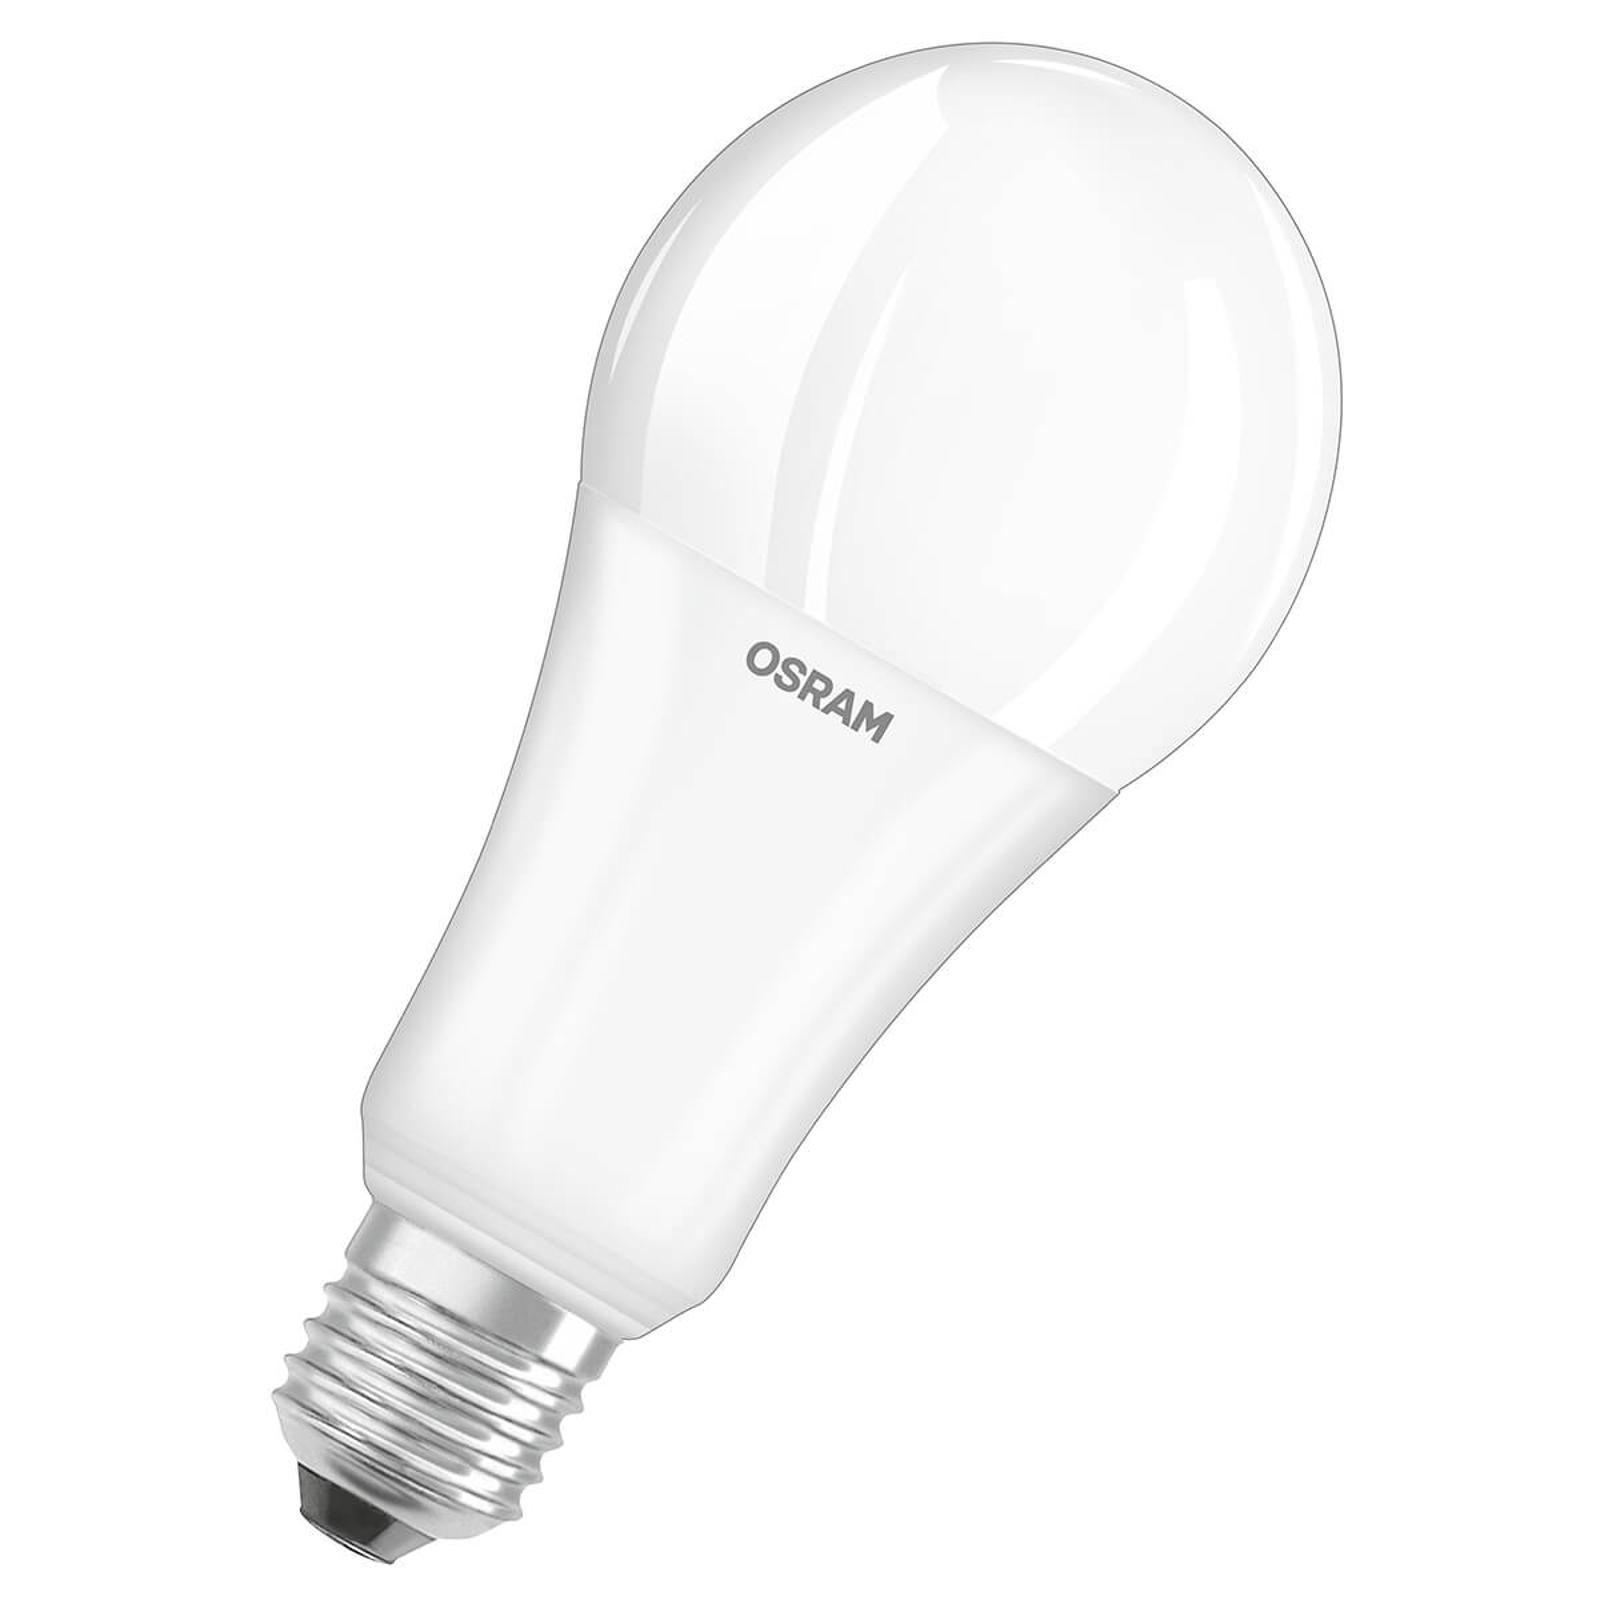 Ampoule LED E27 19 W, blanc chaud, 2452lumens